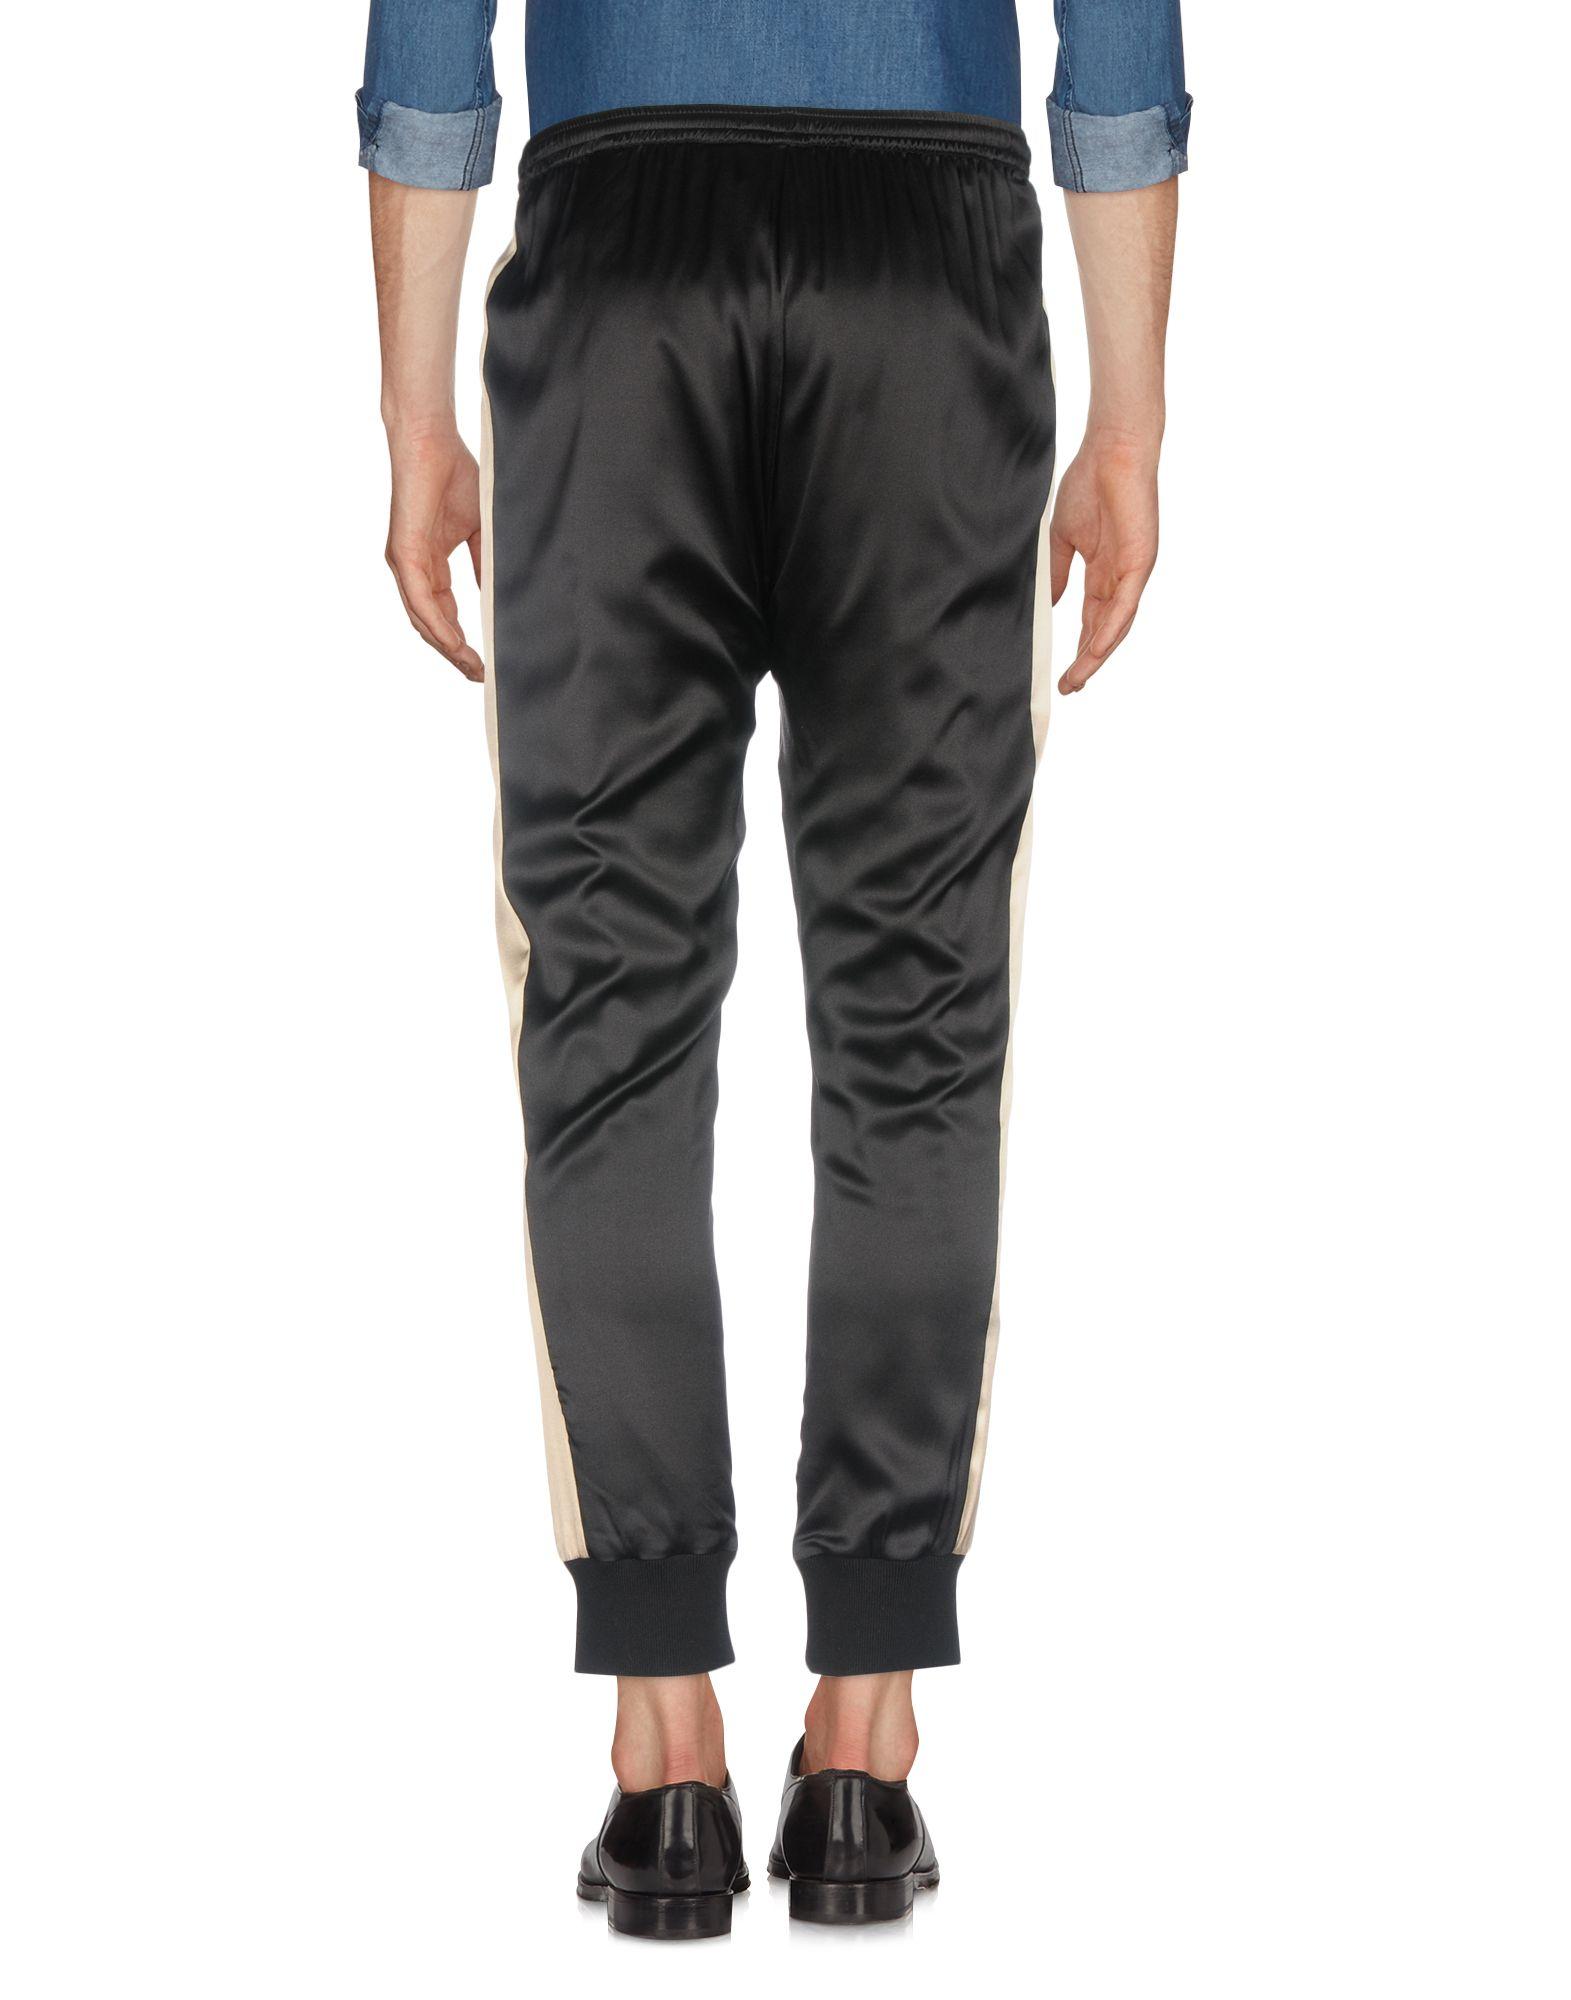 Pantalone The Cryptonym Uomo Uomo Cryptonym - 13163907OP c12464